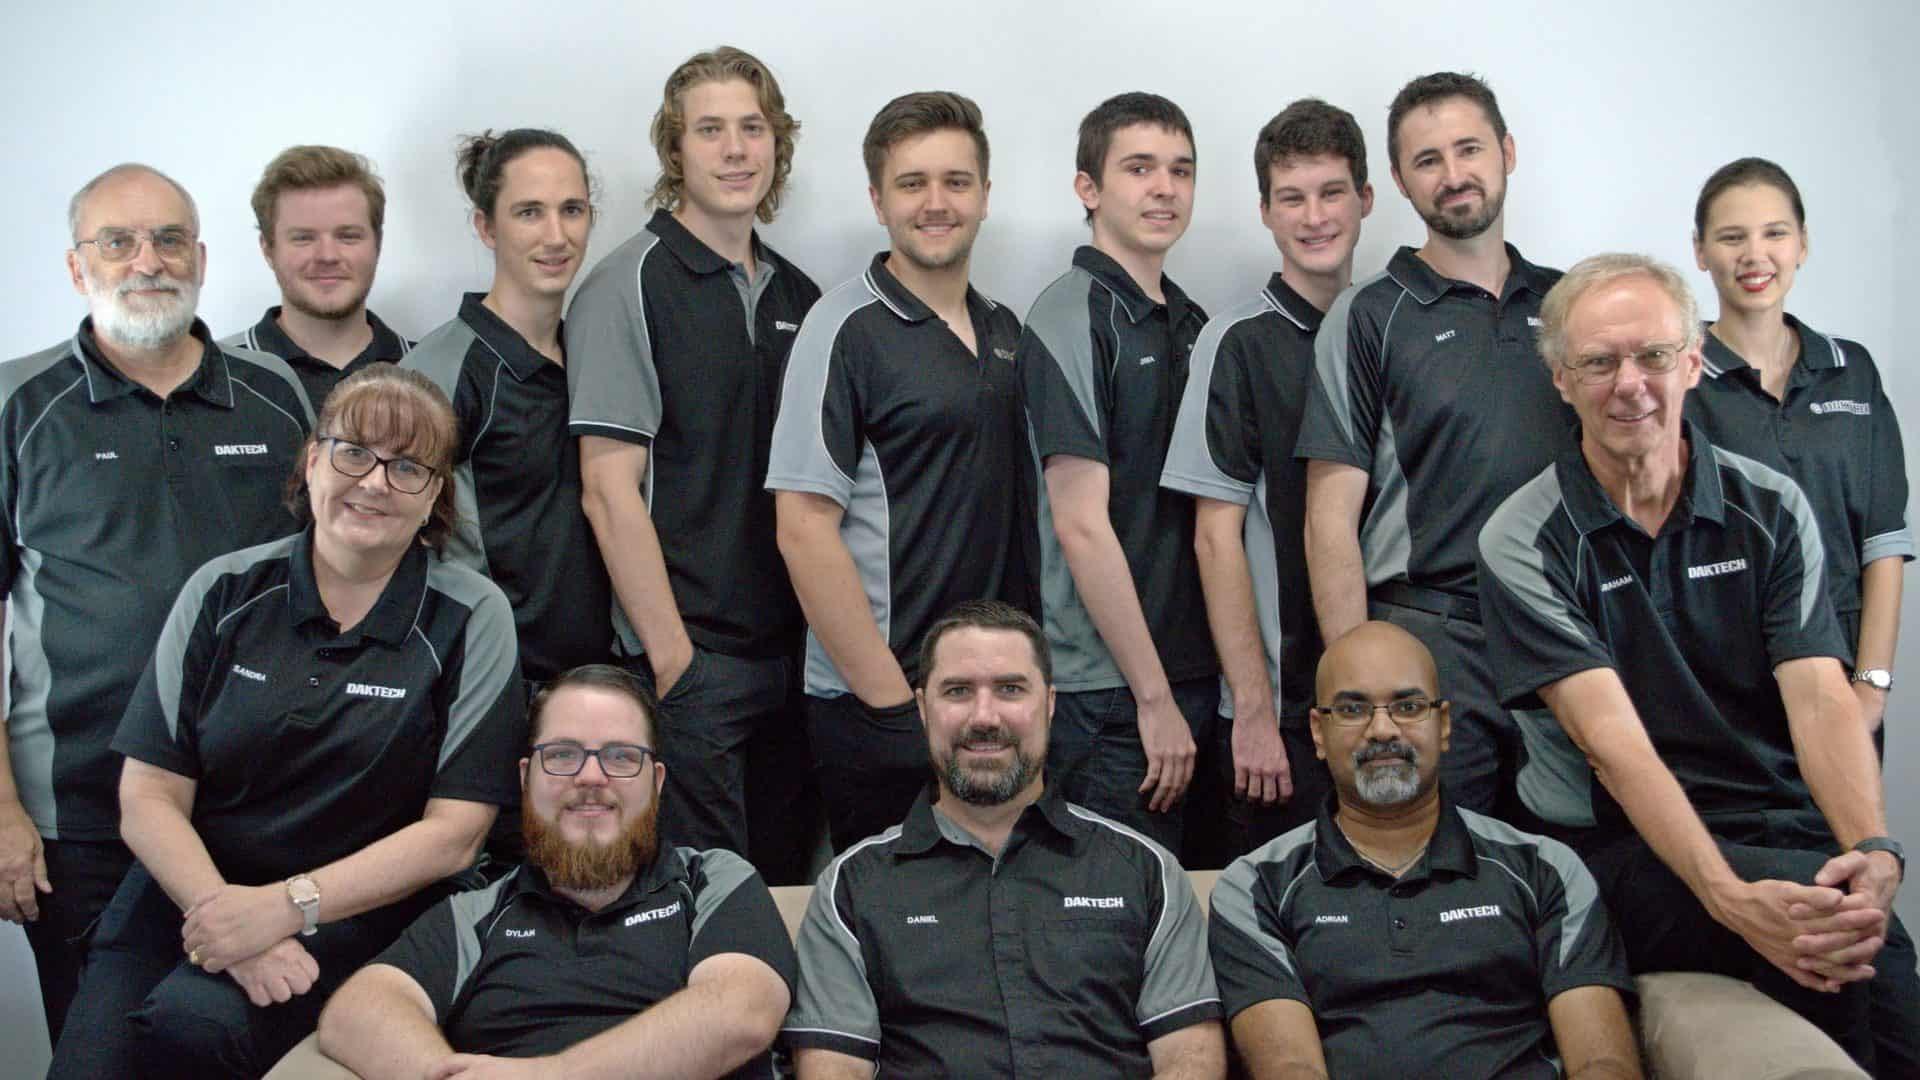 DakTech Staff